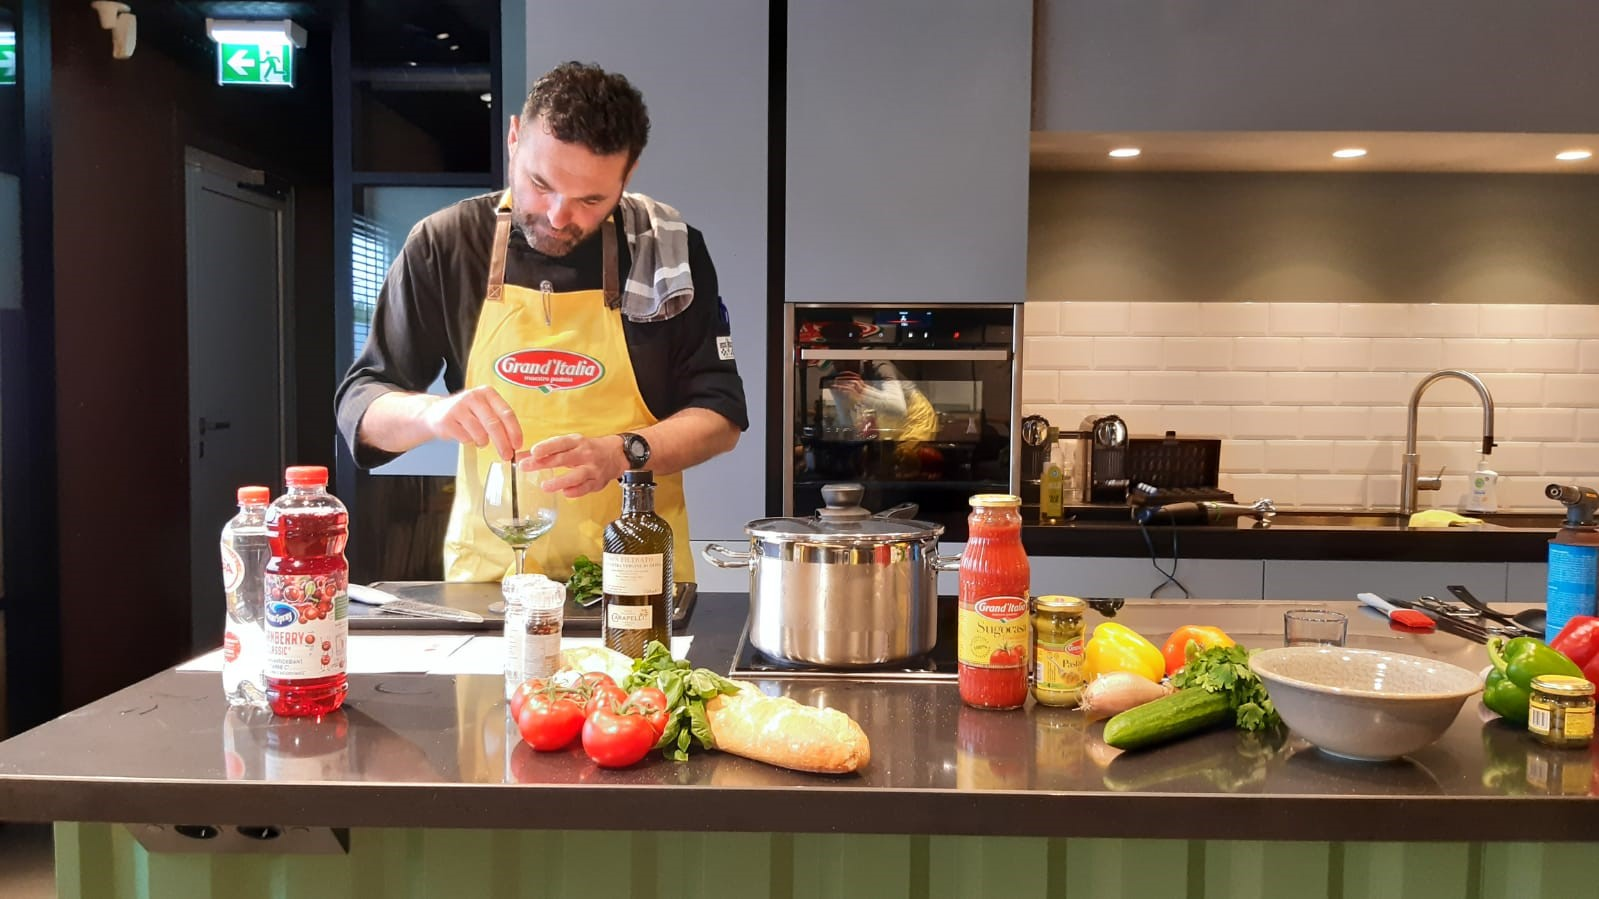 Online kookworkshop met vleugels bij Grand'Italia in Rijswijk!